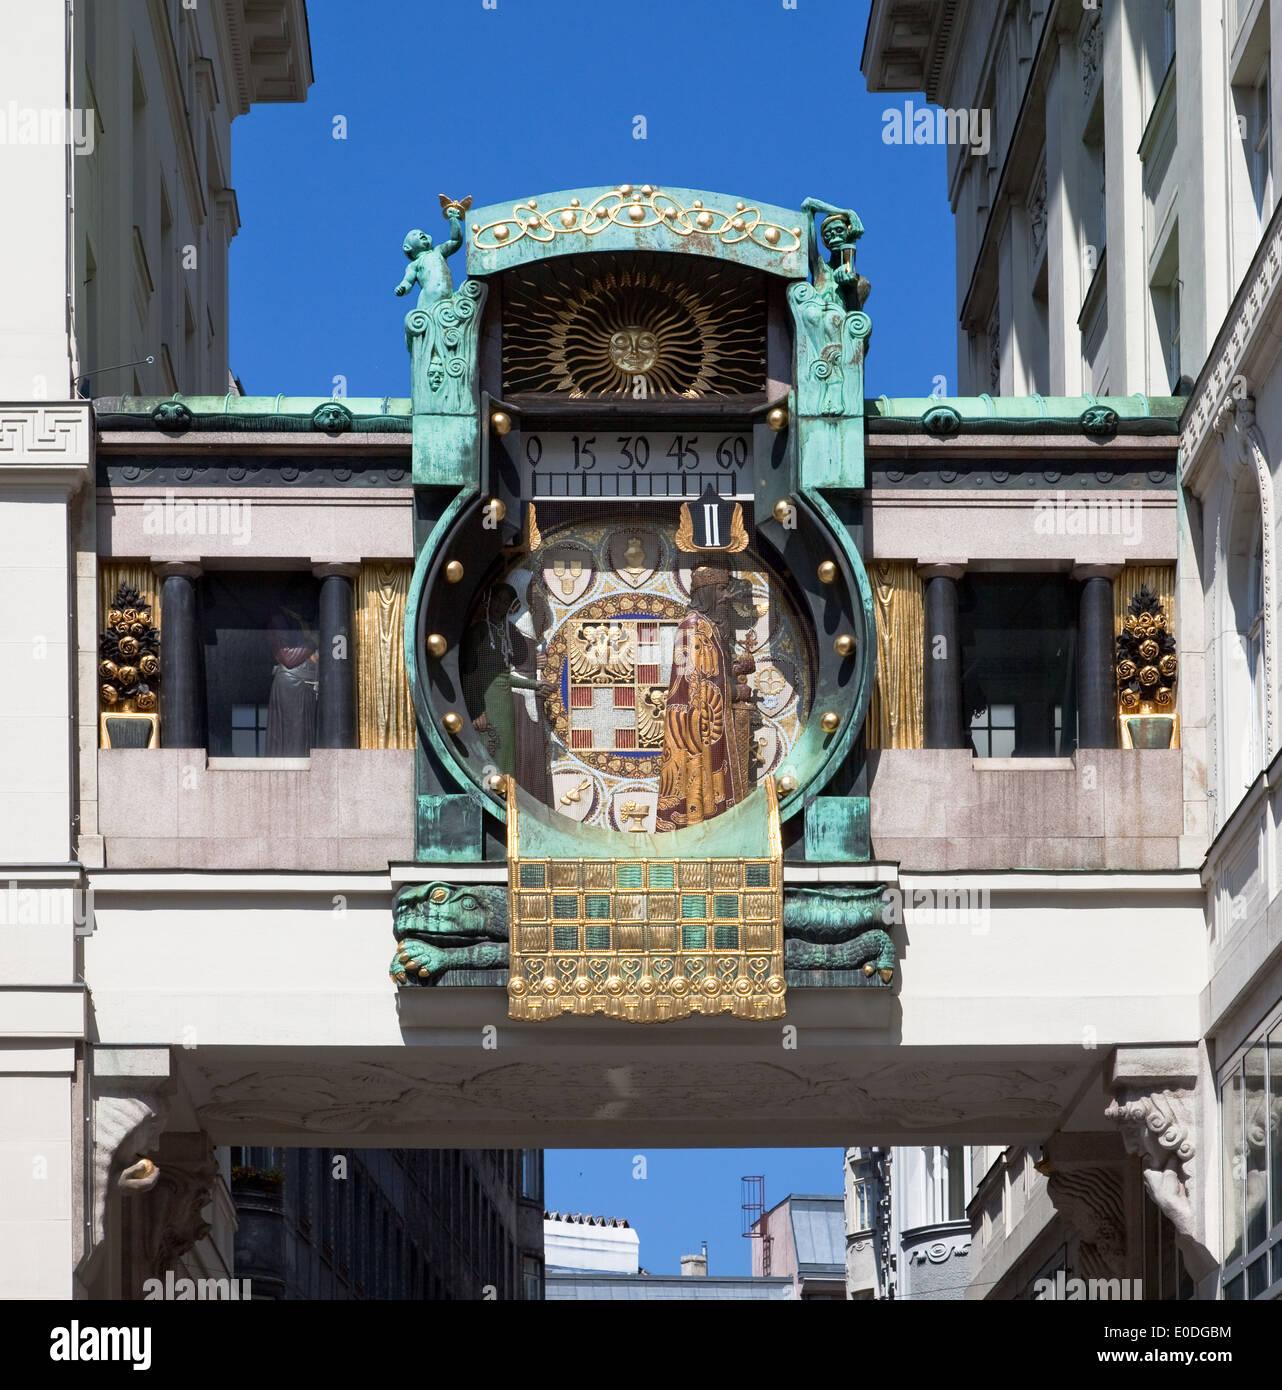 Anker Watch, Vienna, Austria - Stock Image